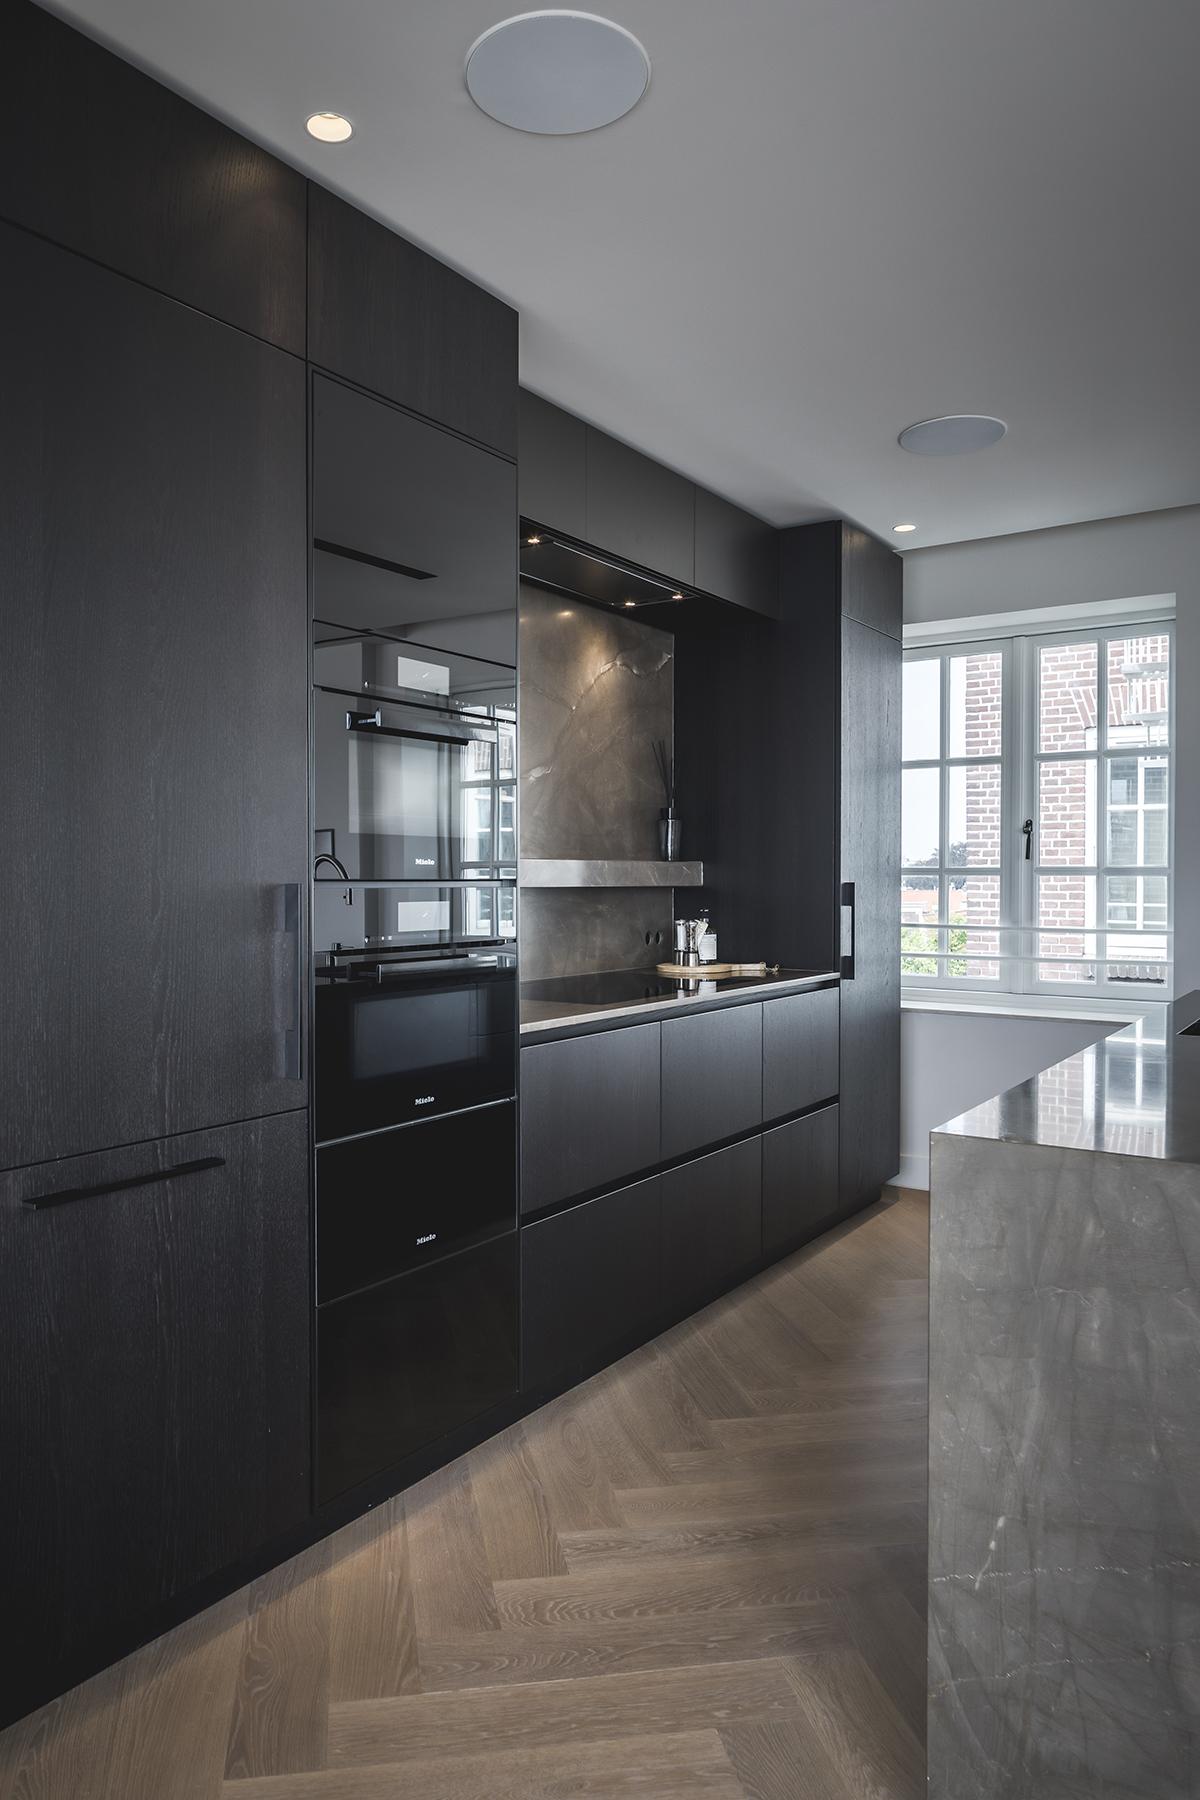 droomkeuken, Culimaat, high-end kitchen, luxe, exclusieve keuken, kookeiland, marmer